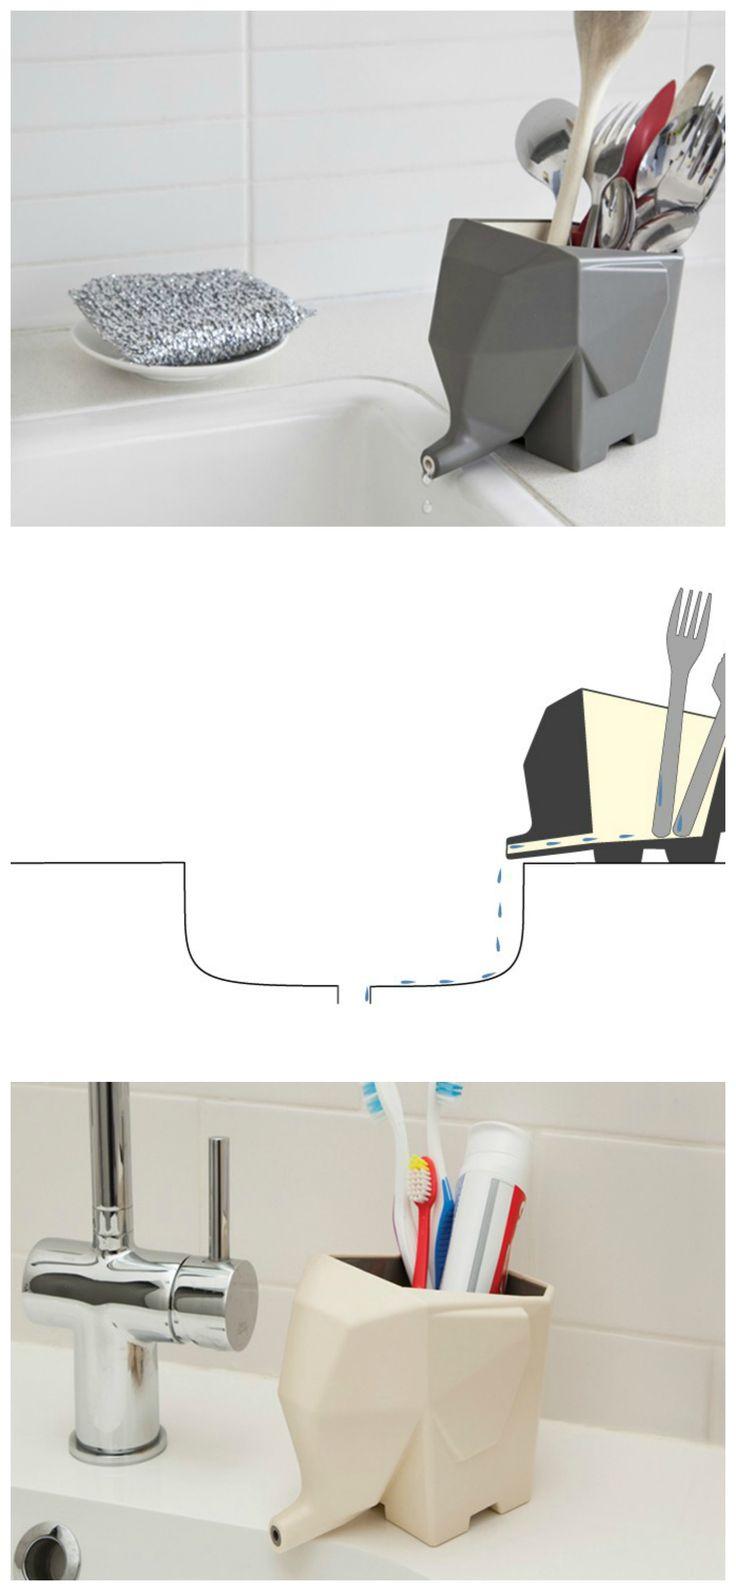 Genius Kitchen Idea! Cutlery drainer! Great kitchen gadget!